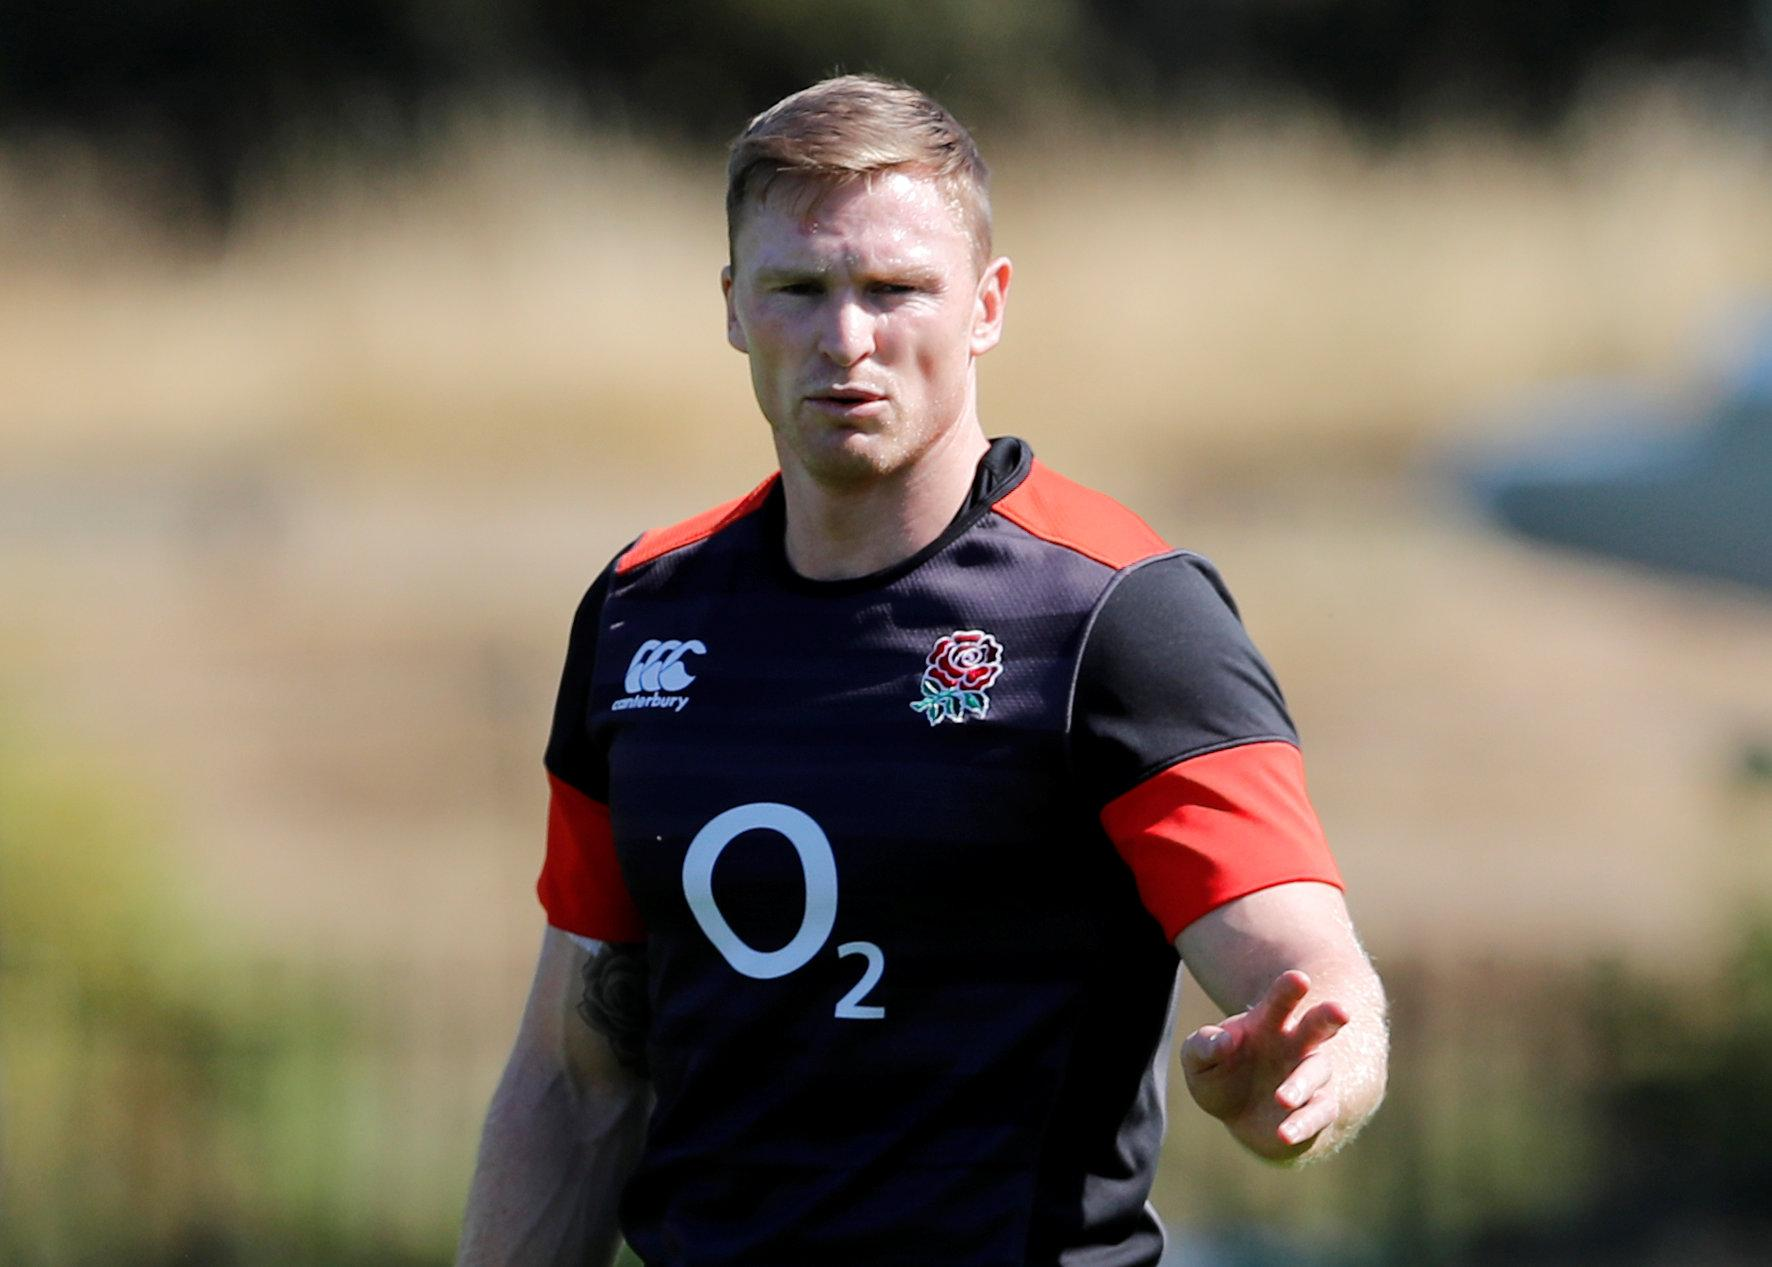 However, Chris Ashton is set for a reprieve from Jones